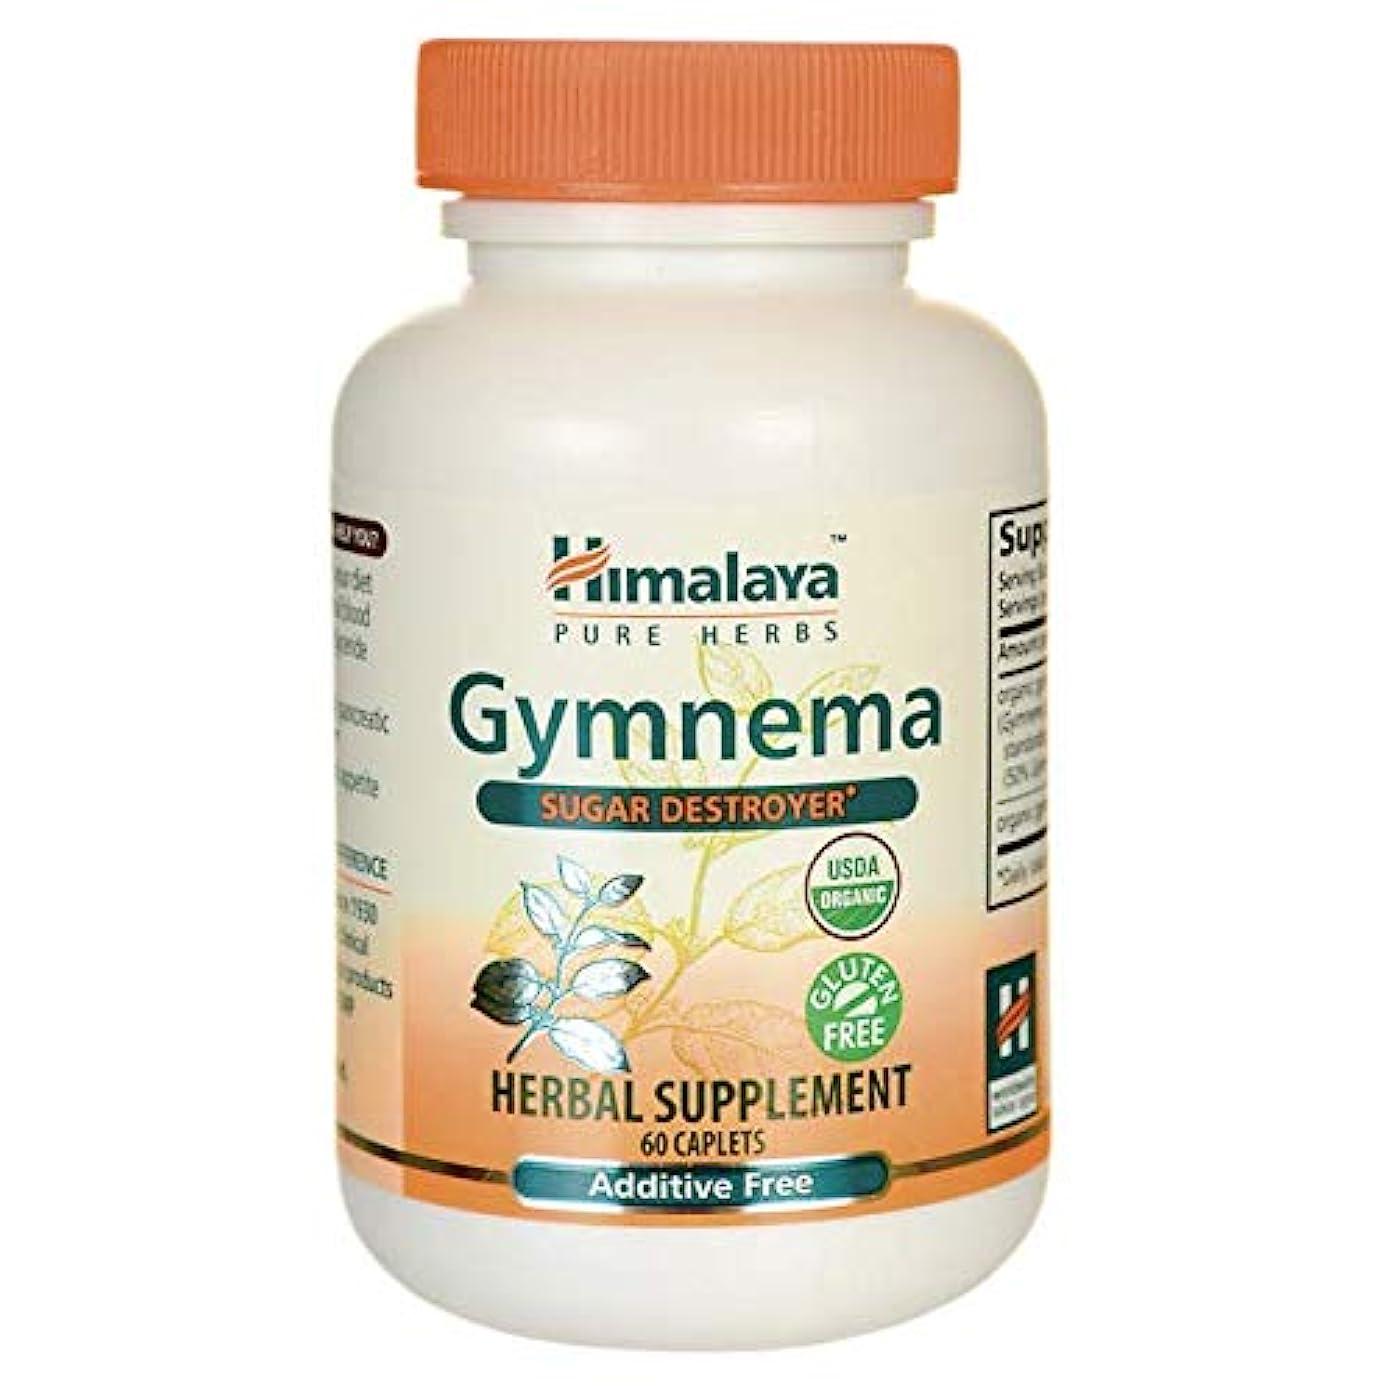 フェロー諸島頑張る思想Gymnema 60